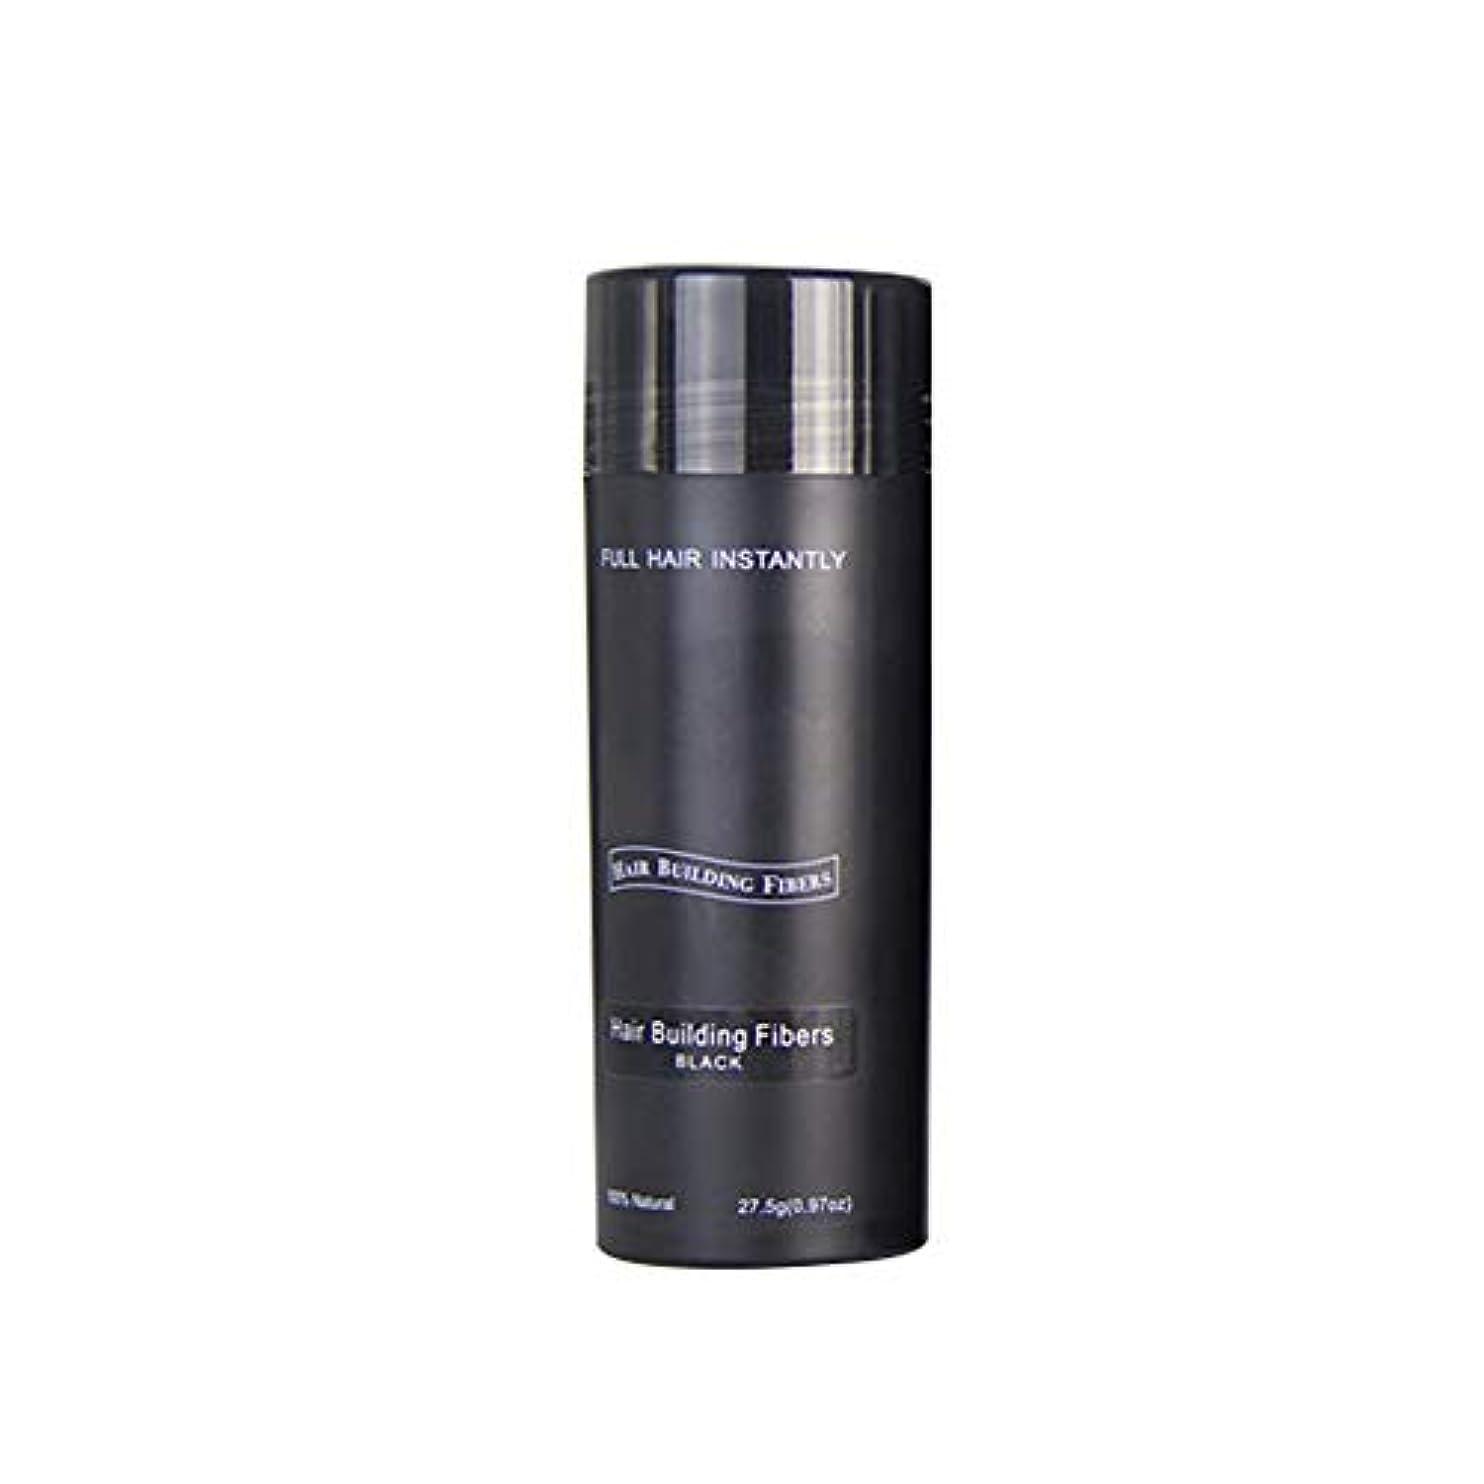 安全な髪肥厚美容用品ヘアビルディングファイバー植物ナチュラルハーブヘアー濃い粉末インスタント無臭マイルド刺激なし